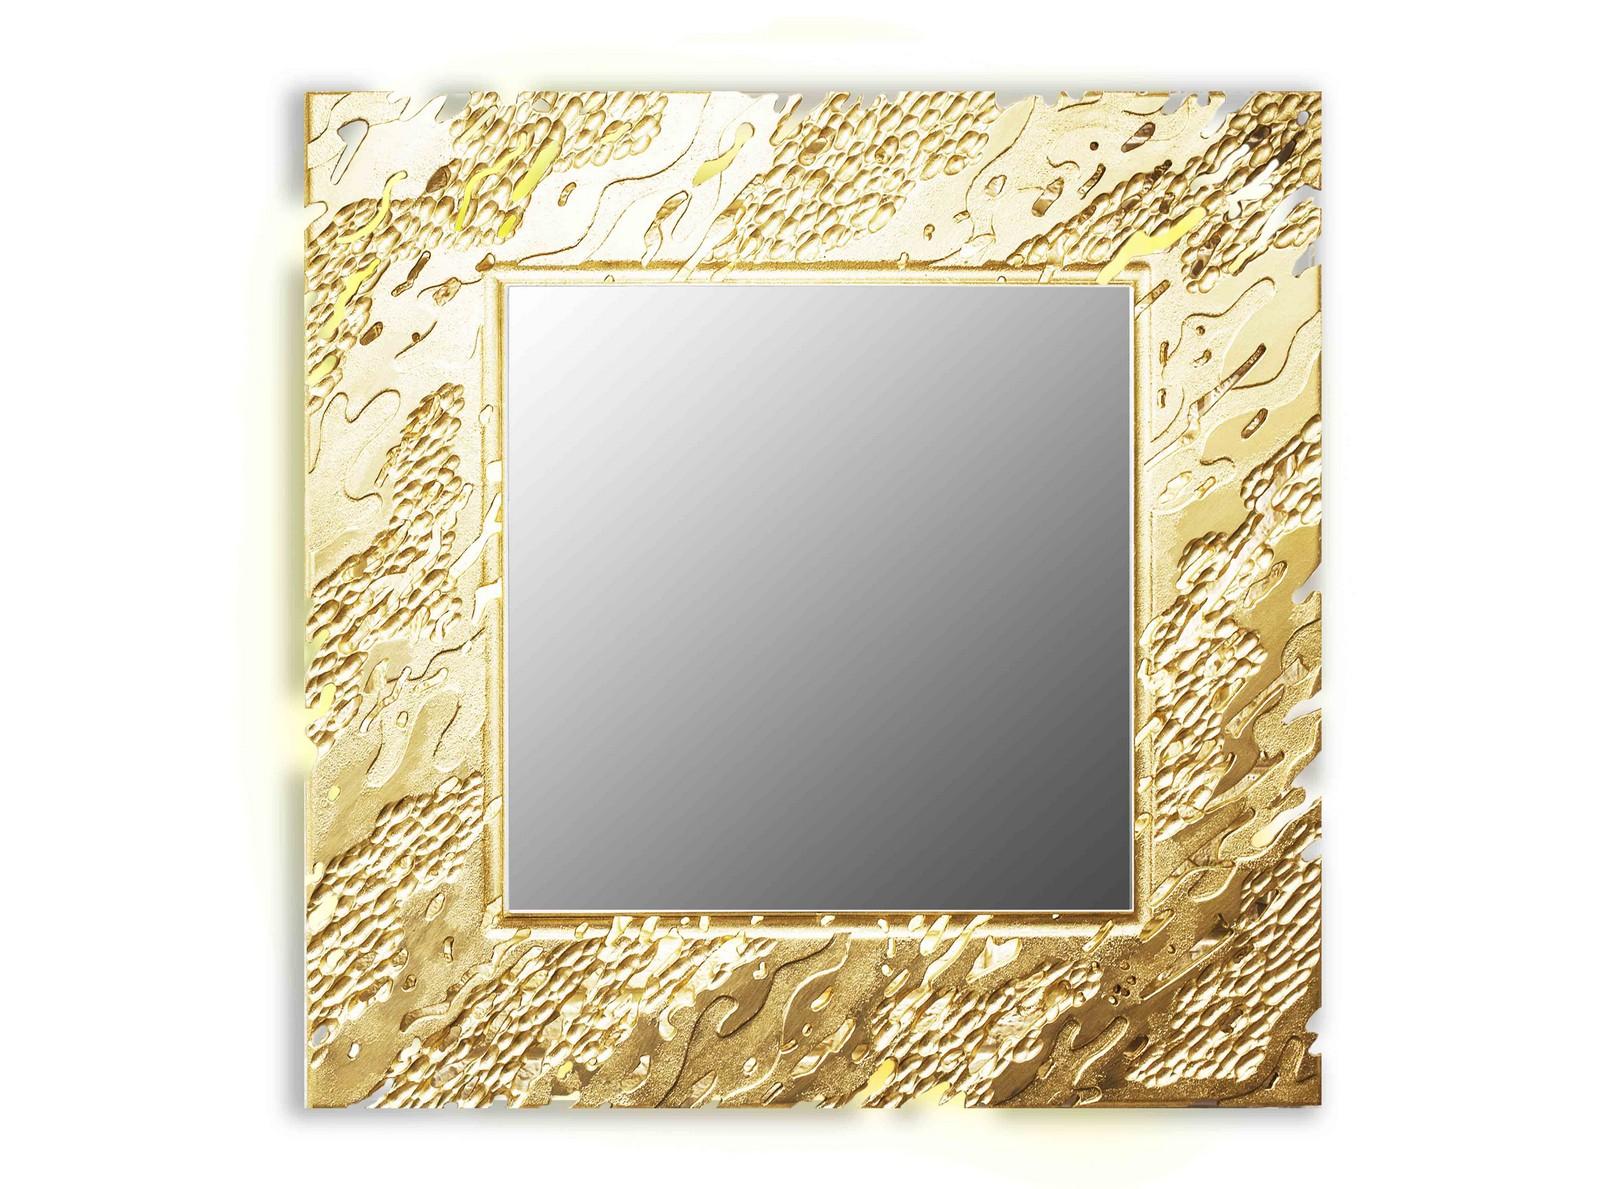 Зеркало REEFНастенные зеркала<br>Ветерок касается воды и солнечные блики играют на ее поверхности. <br>Завораживающая картина, дарящая отдых душе. На нее можно смотреть бесконечно. <br>Резной рисунок на раме зеркал коллекции Reef имитирует рябь на водной глади. <br>Данный вариант представлен в квадратной форме и золотом цвете<br><br>Material: Дерево<br>Width см: 99<br>Depth см: 0,8<br>Height см: 99